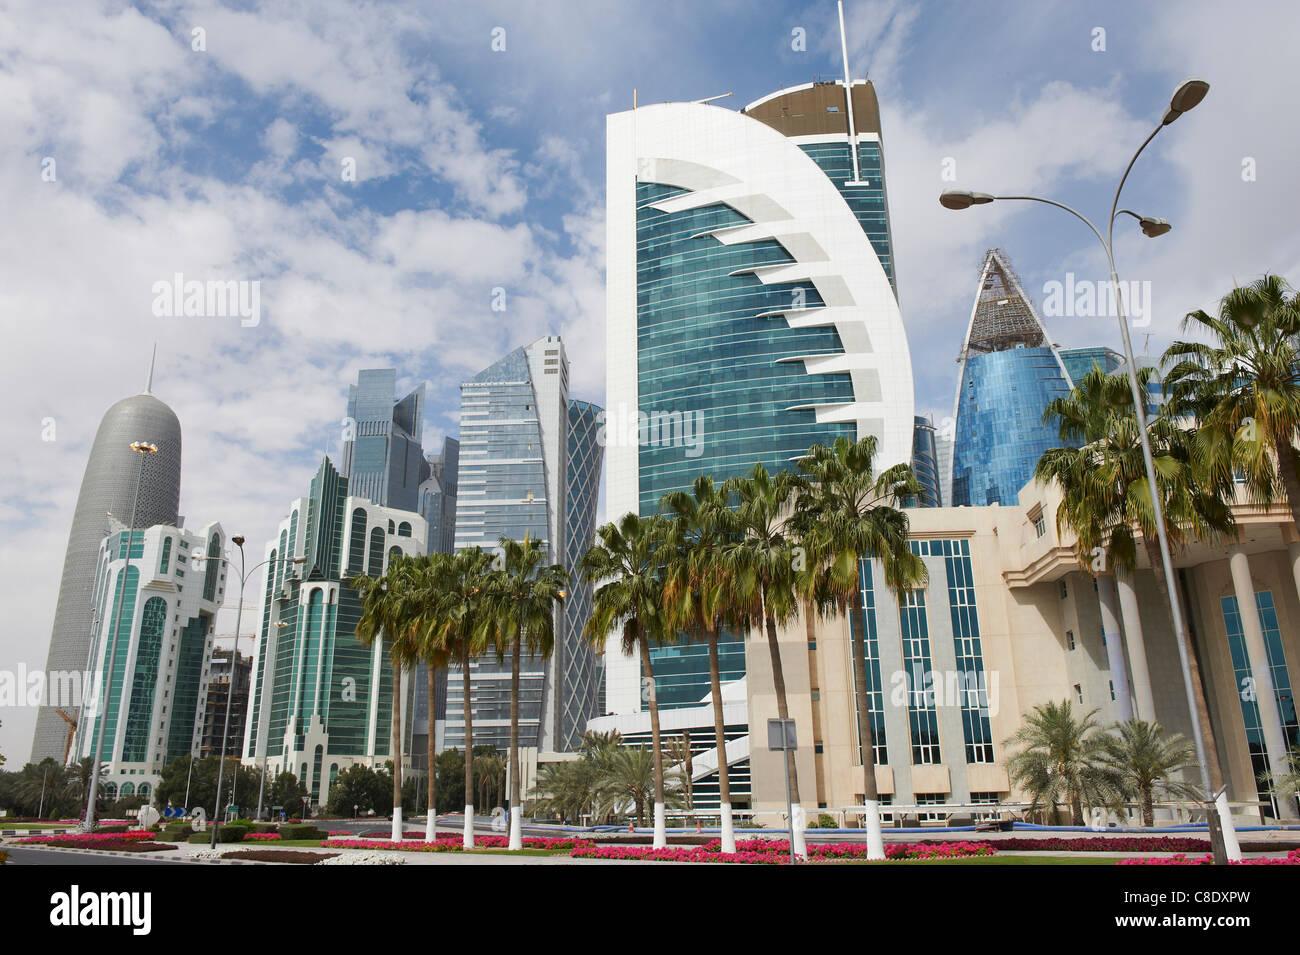 Grattacieli nuovi edifici nel centro della città di Doha in Qatar Immagini Stock